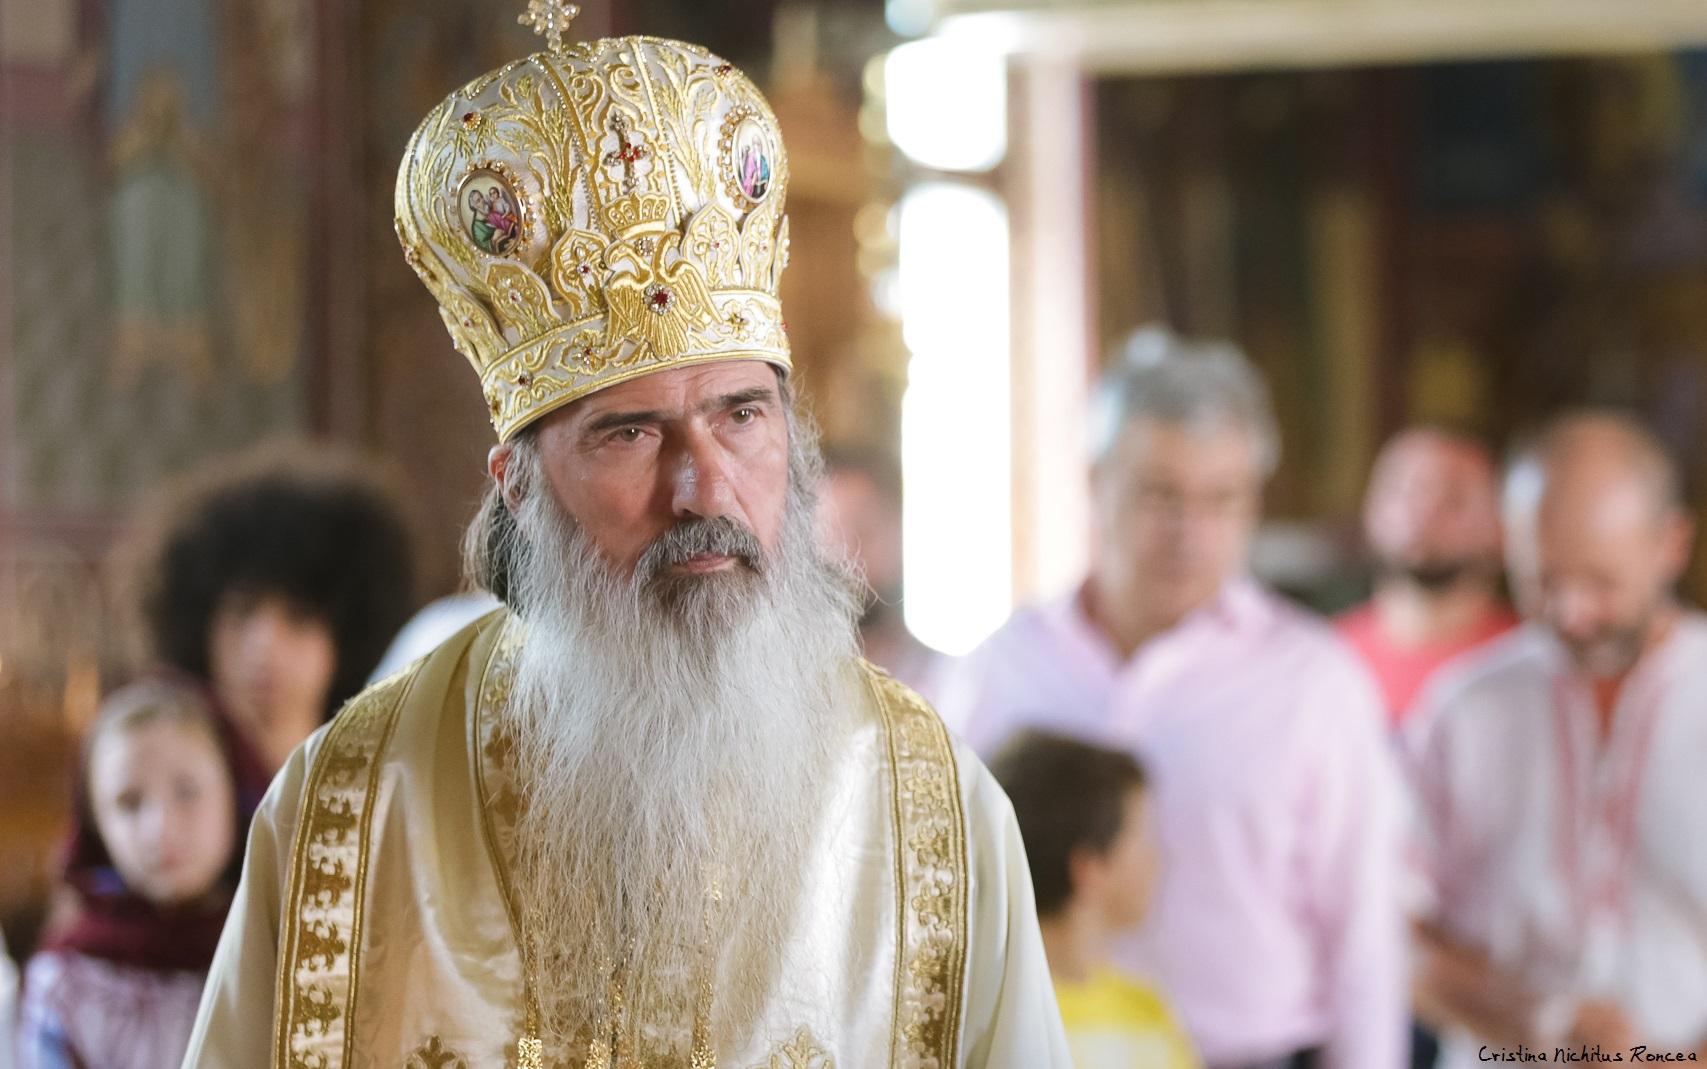 ÎPS Teodosie, după ce a fost din nou hărțuit de Poliție, la o înmormântare: Ne exprimăm dreptul nostru de a ne închina la Sfântul Andrei și îi chem pe toți românii să se închine. Acesta e lucrul lui Dumnezeu, pe care nimeni nu poate să-l strice